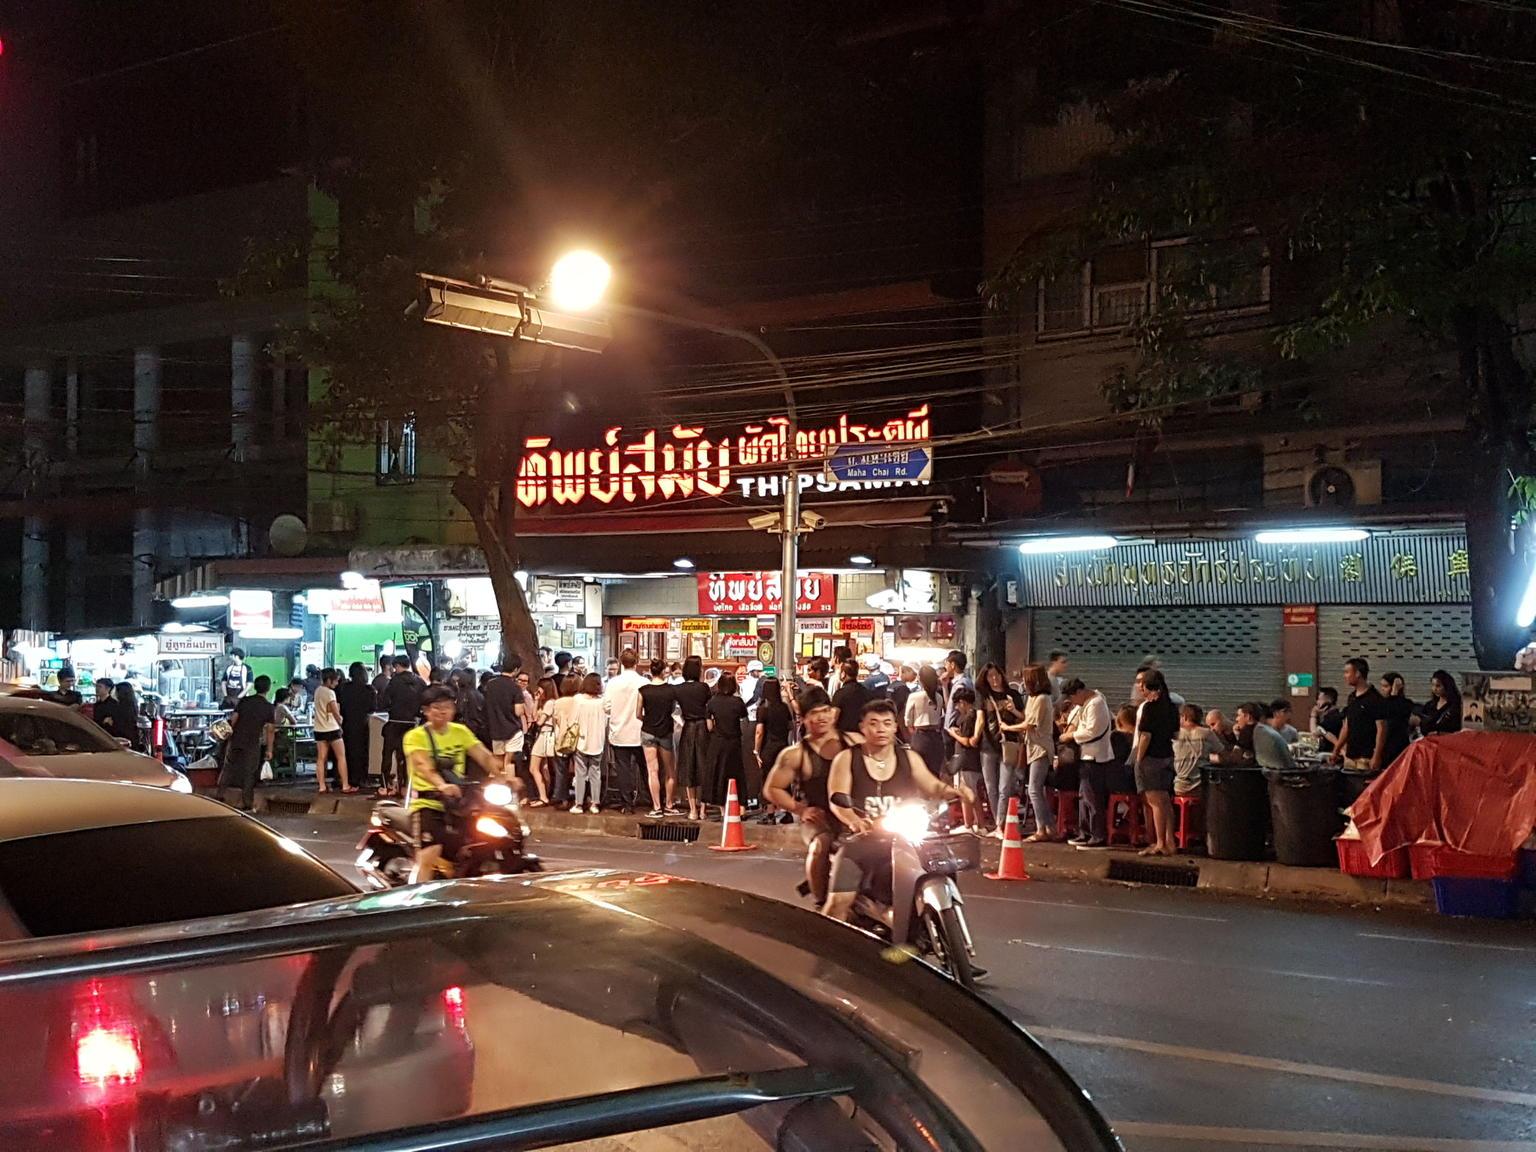 MAIS FOTOS, Bangkok à noite: visite templos, mercados e comida em um Tuk-Tuk